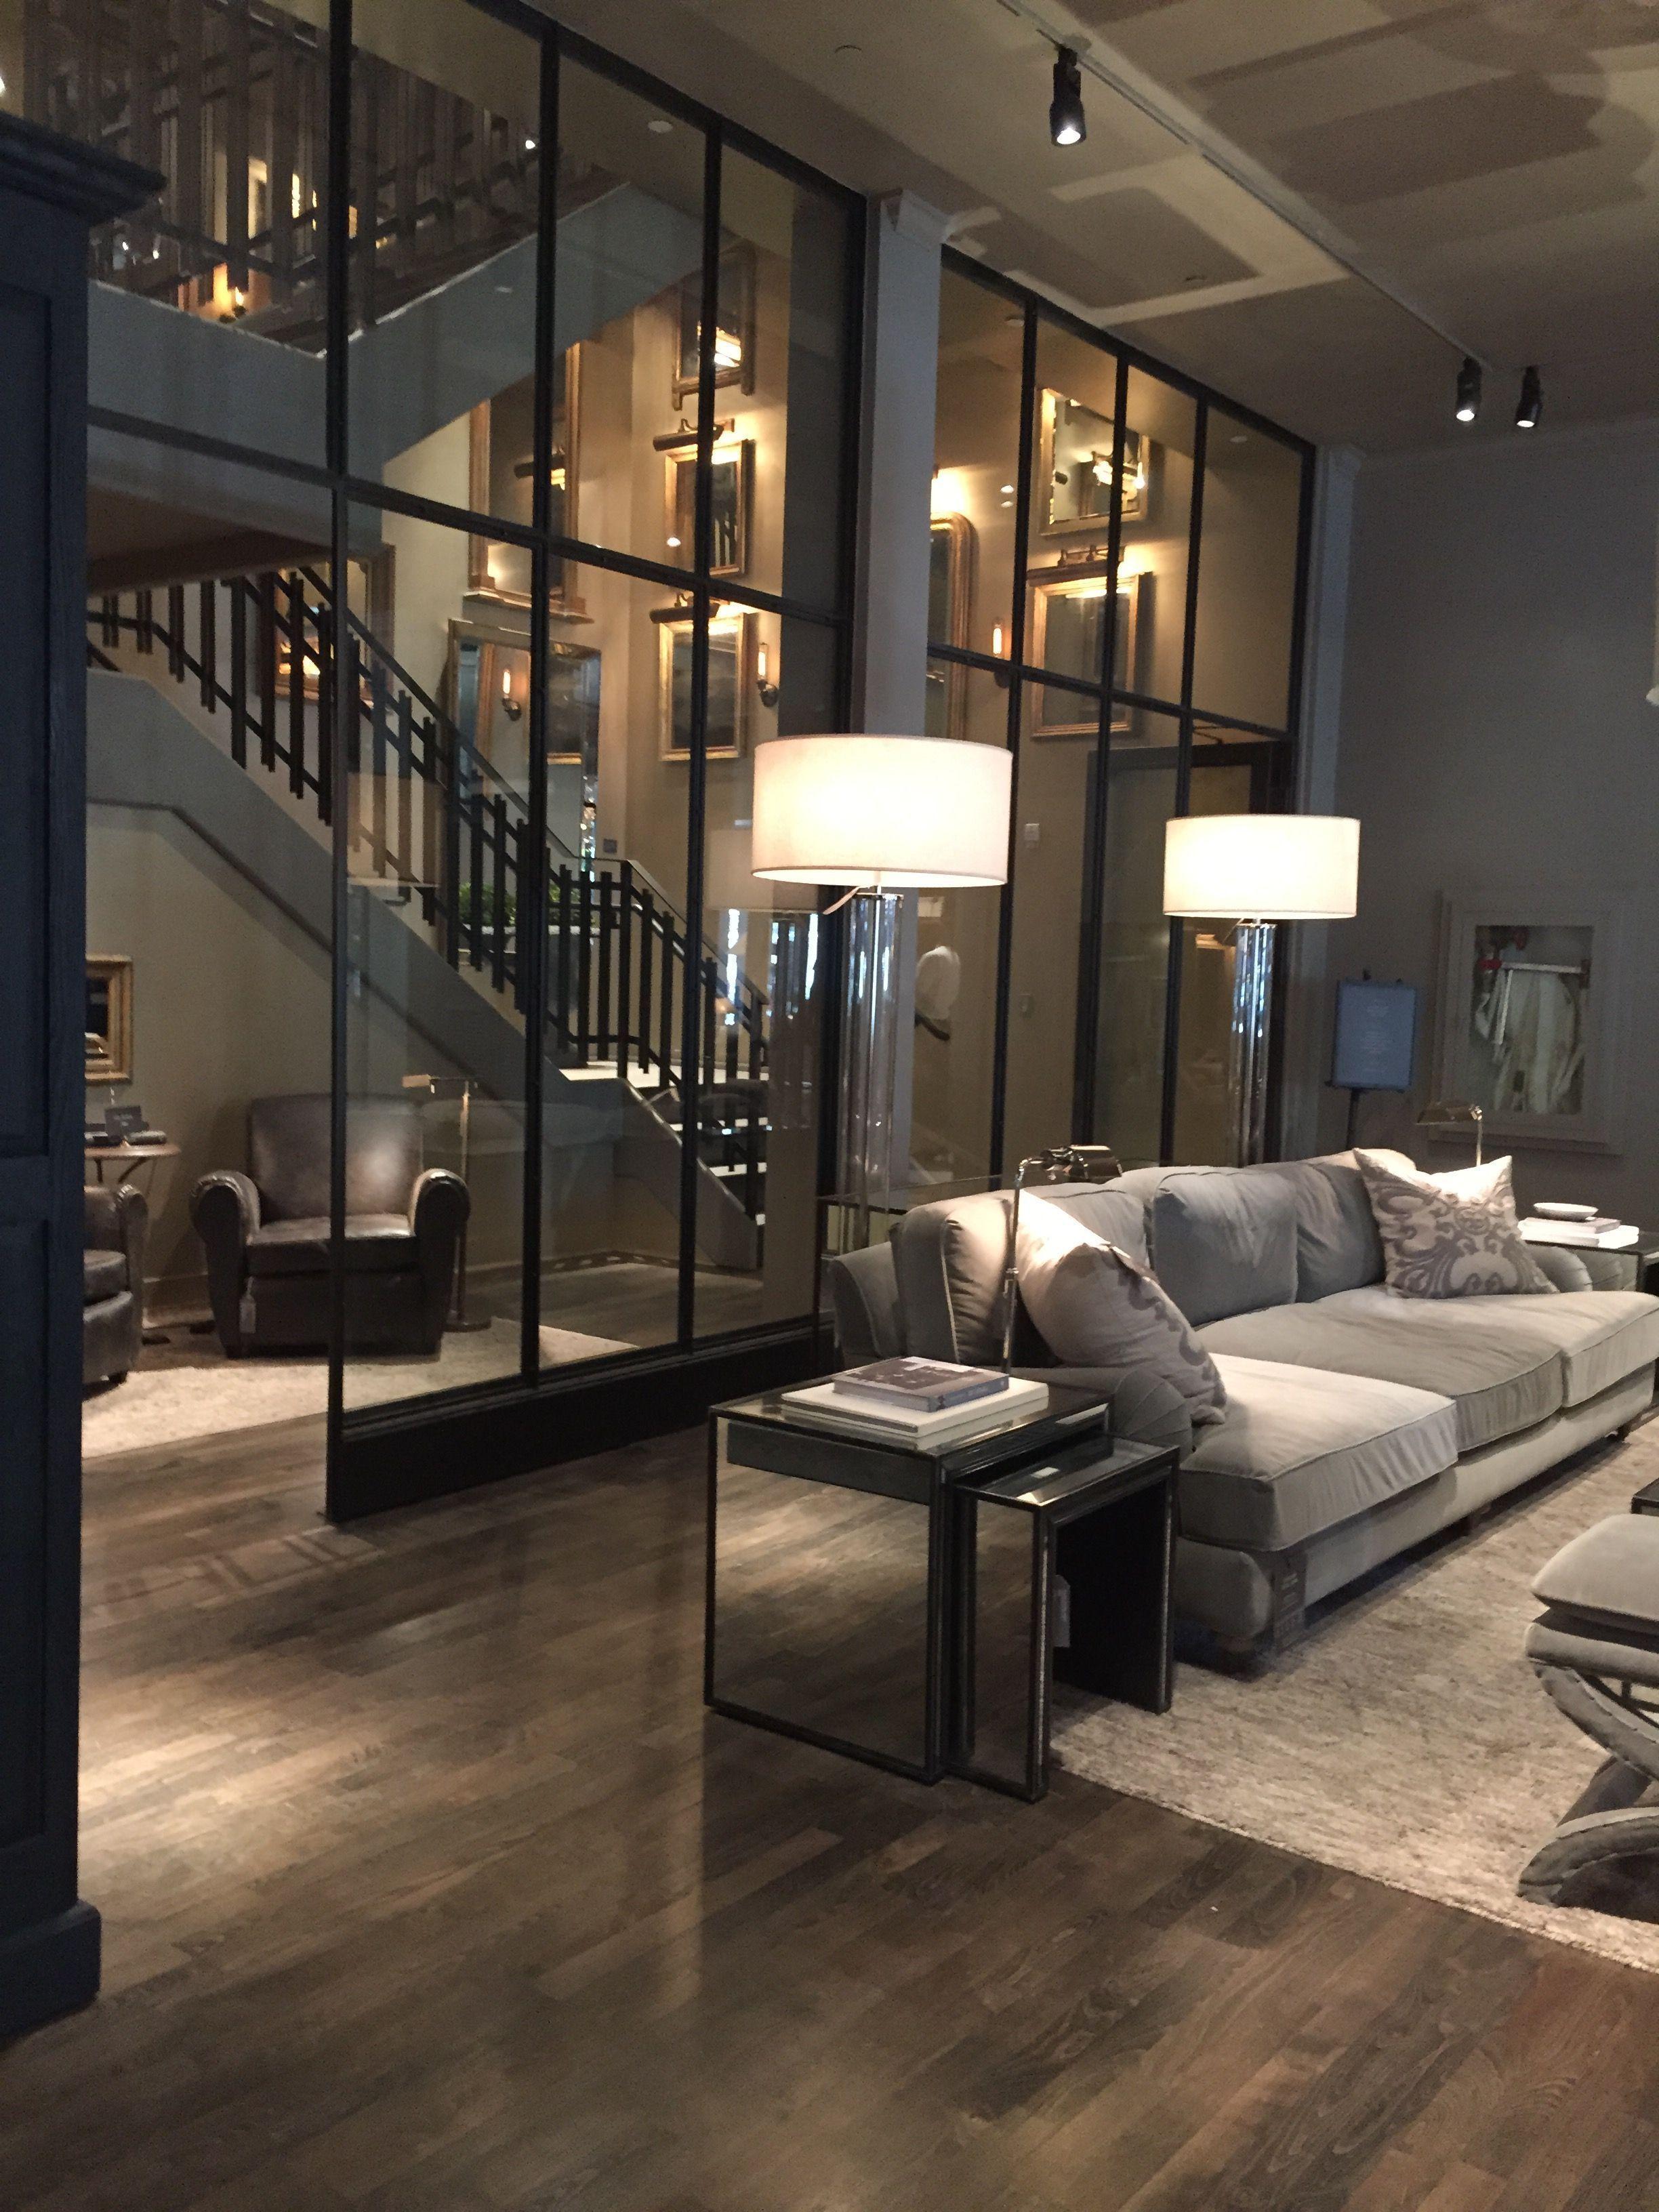 Contemporary Interior Amazing Design41 Amazing Contemporary Interior Design 2019 Contemporary House Contemporary Kitchen Decor Modern House Design